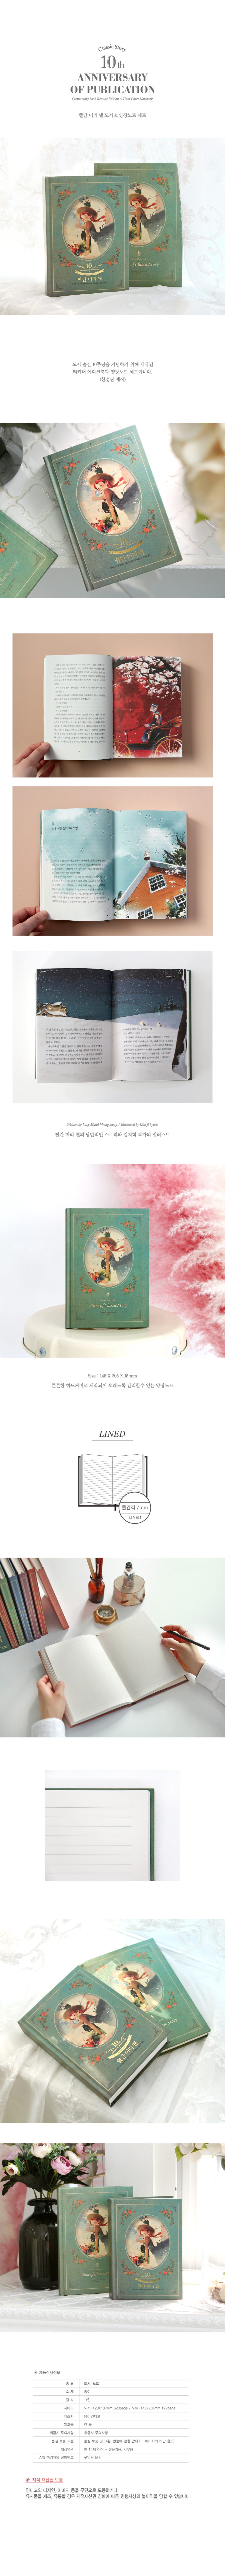 빨간머리앤 (한정판) 리커버북+양장노트 세트 - 인디고, 17,800원, 문구세트, 신학기문구세트